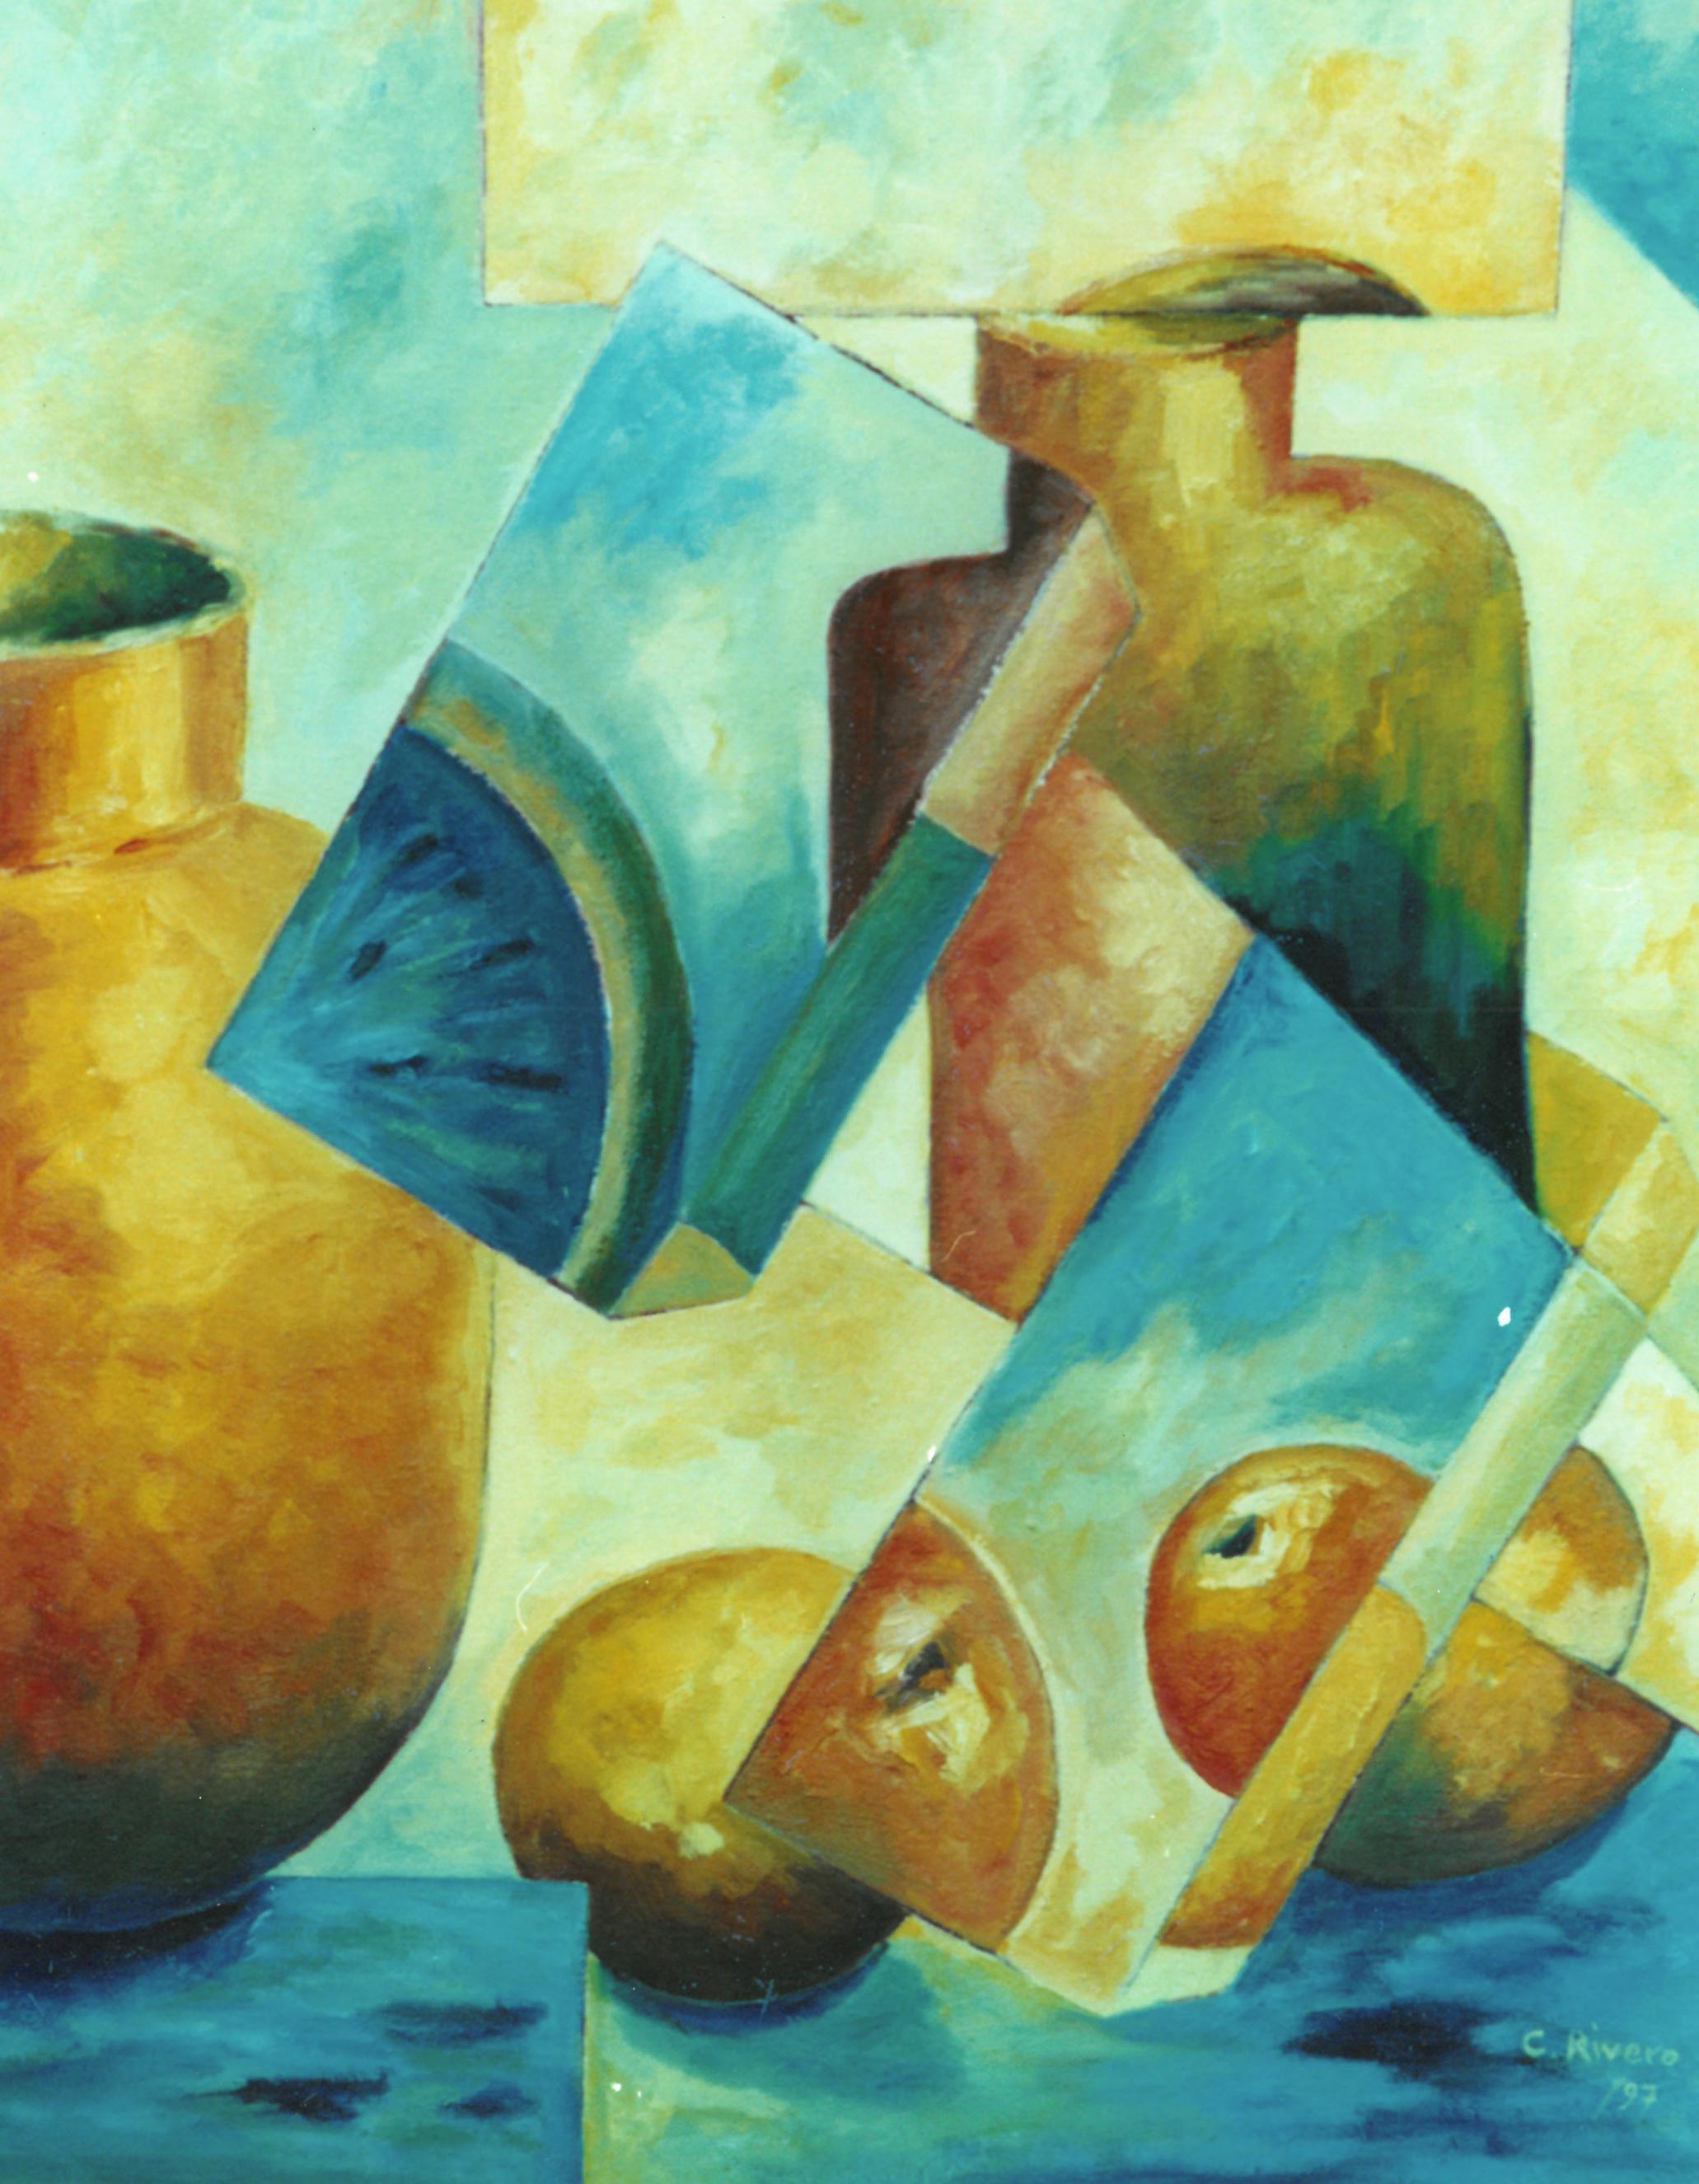 Serie caleidoscopio (2001) - Conchy Rivero